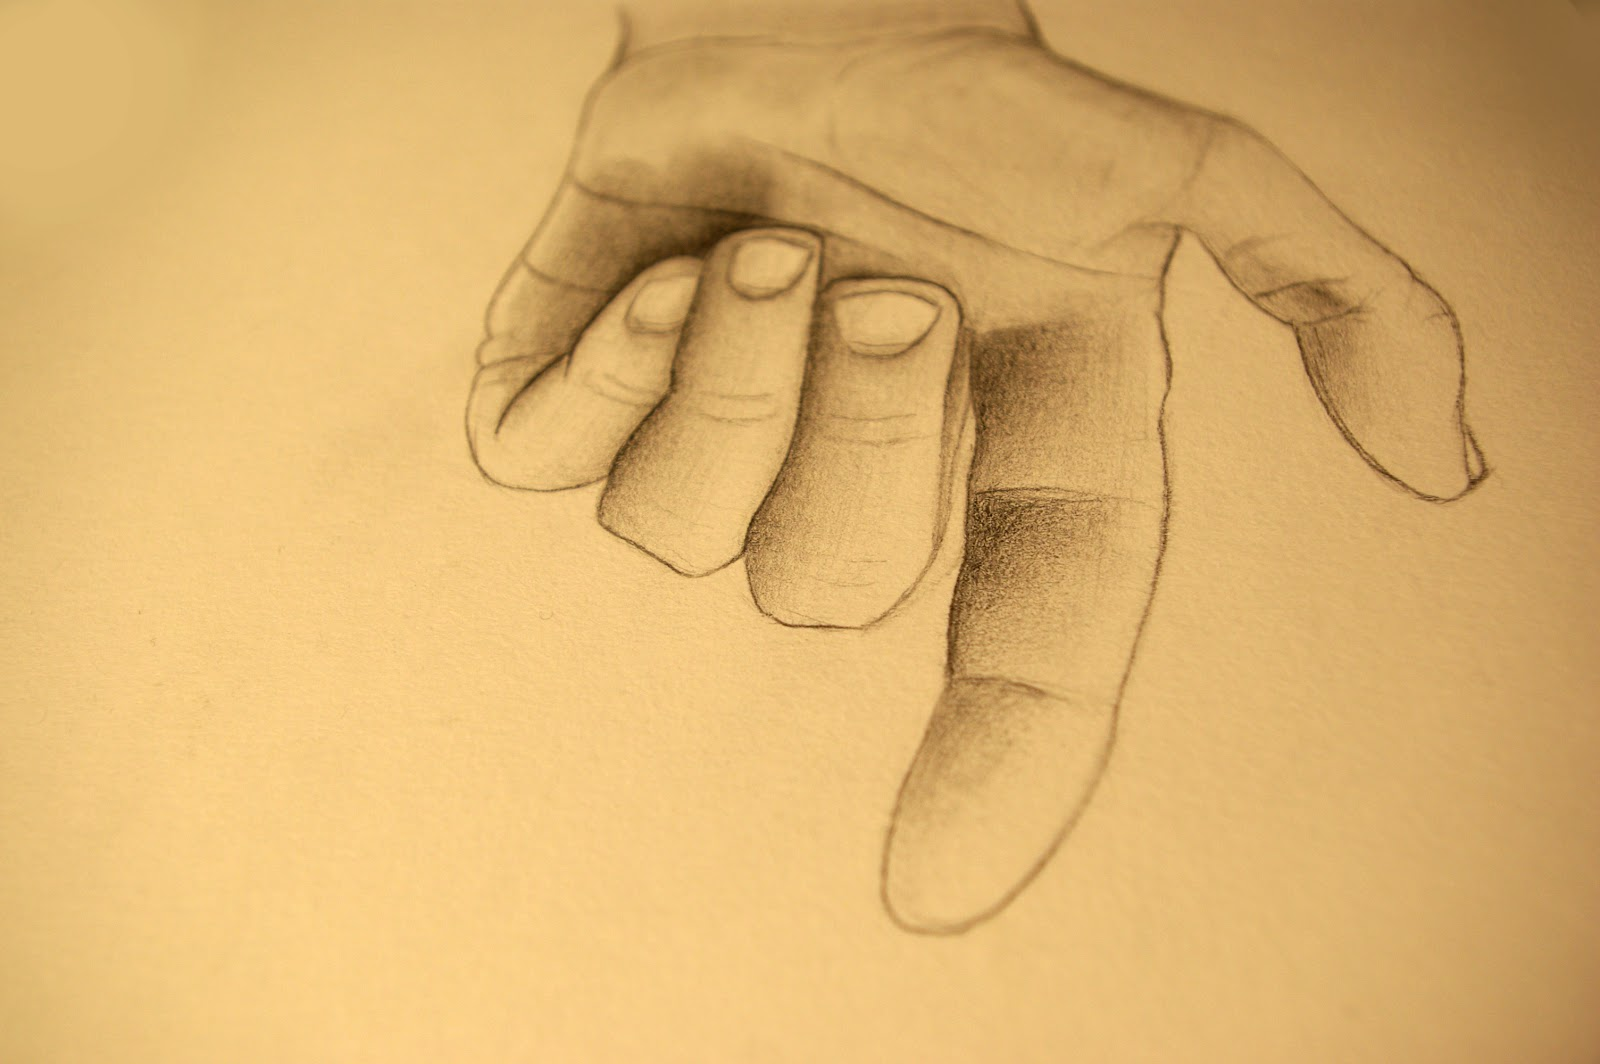 Bagdassarian graphics dessin d 39 une main crayon graphite - Main dessin crayon ...